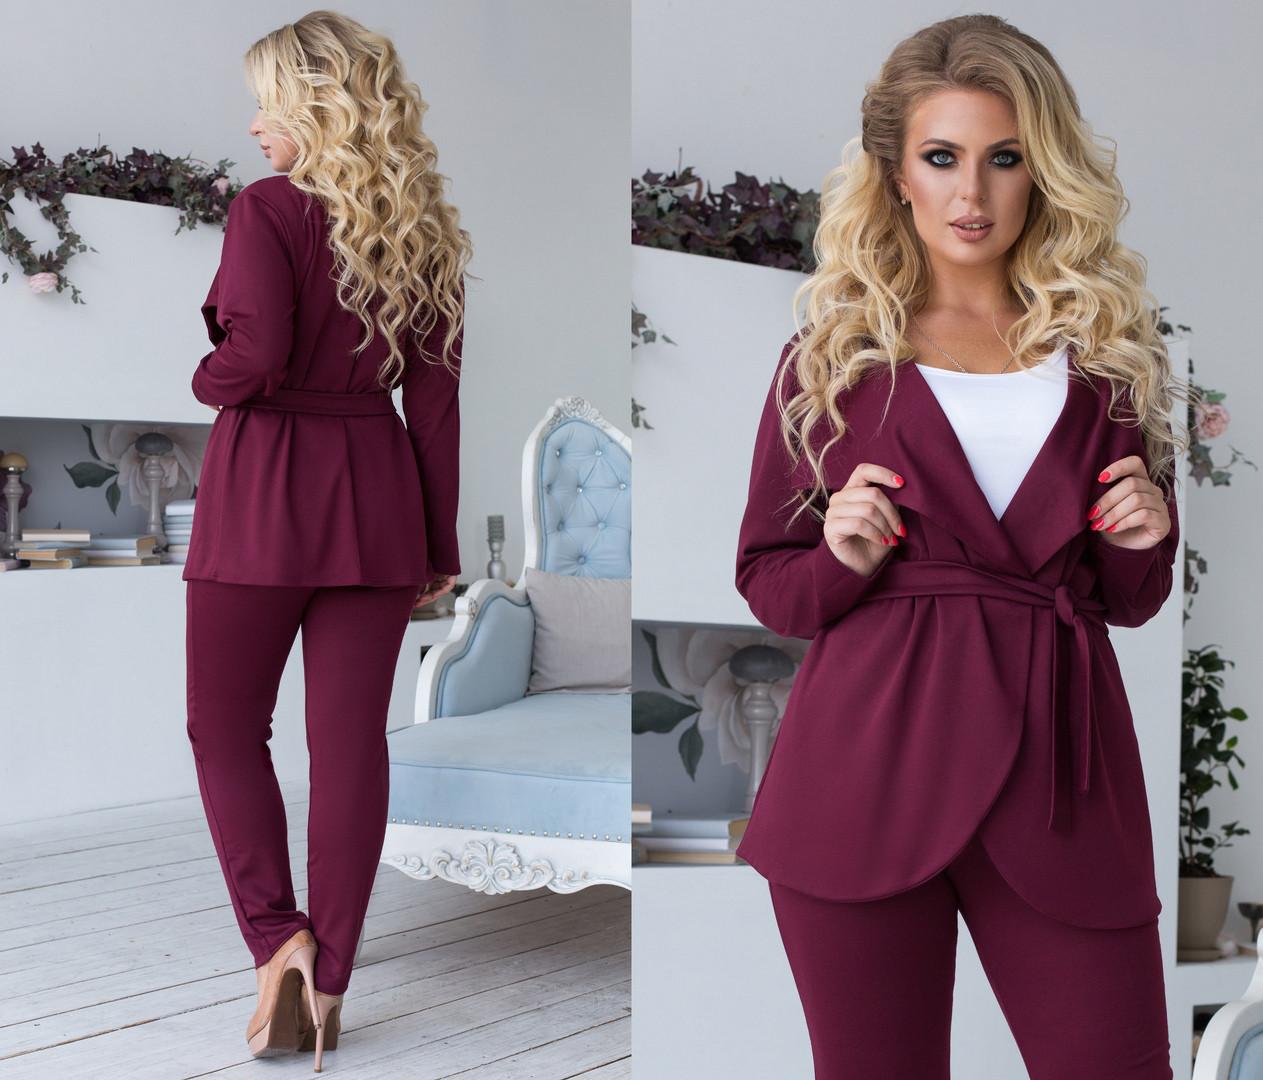 Комплект ТРОЙКА больших размеров 48+ майка, брюки и пиджак на запах  / 4 цвета  арт 6687-93